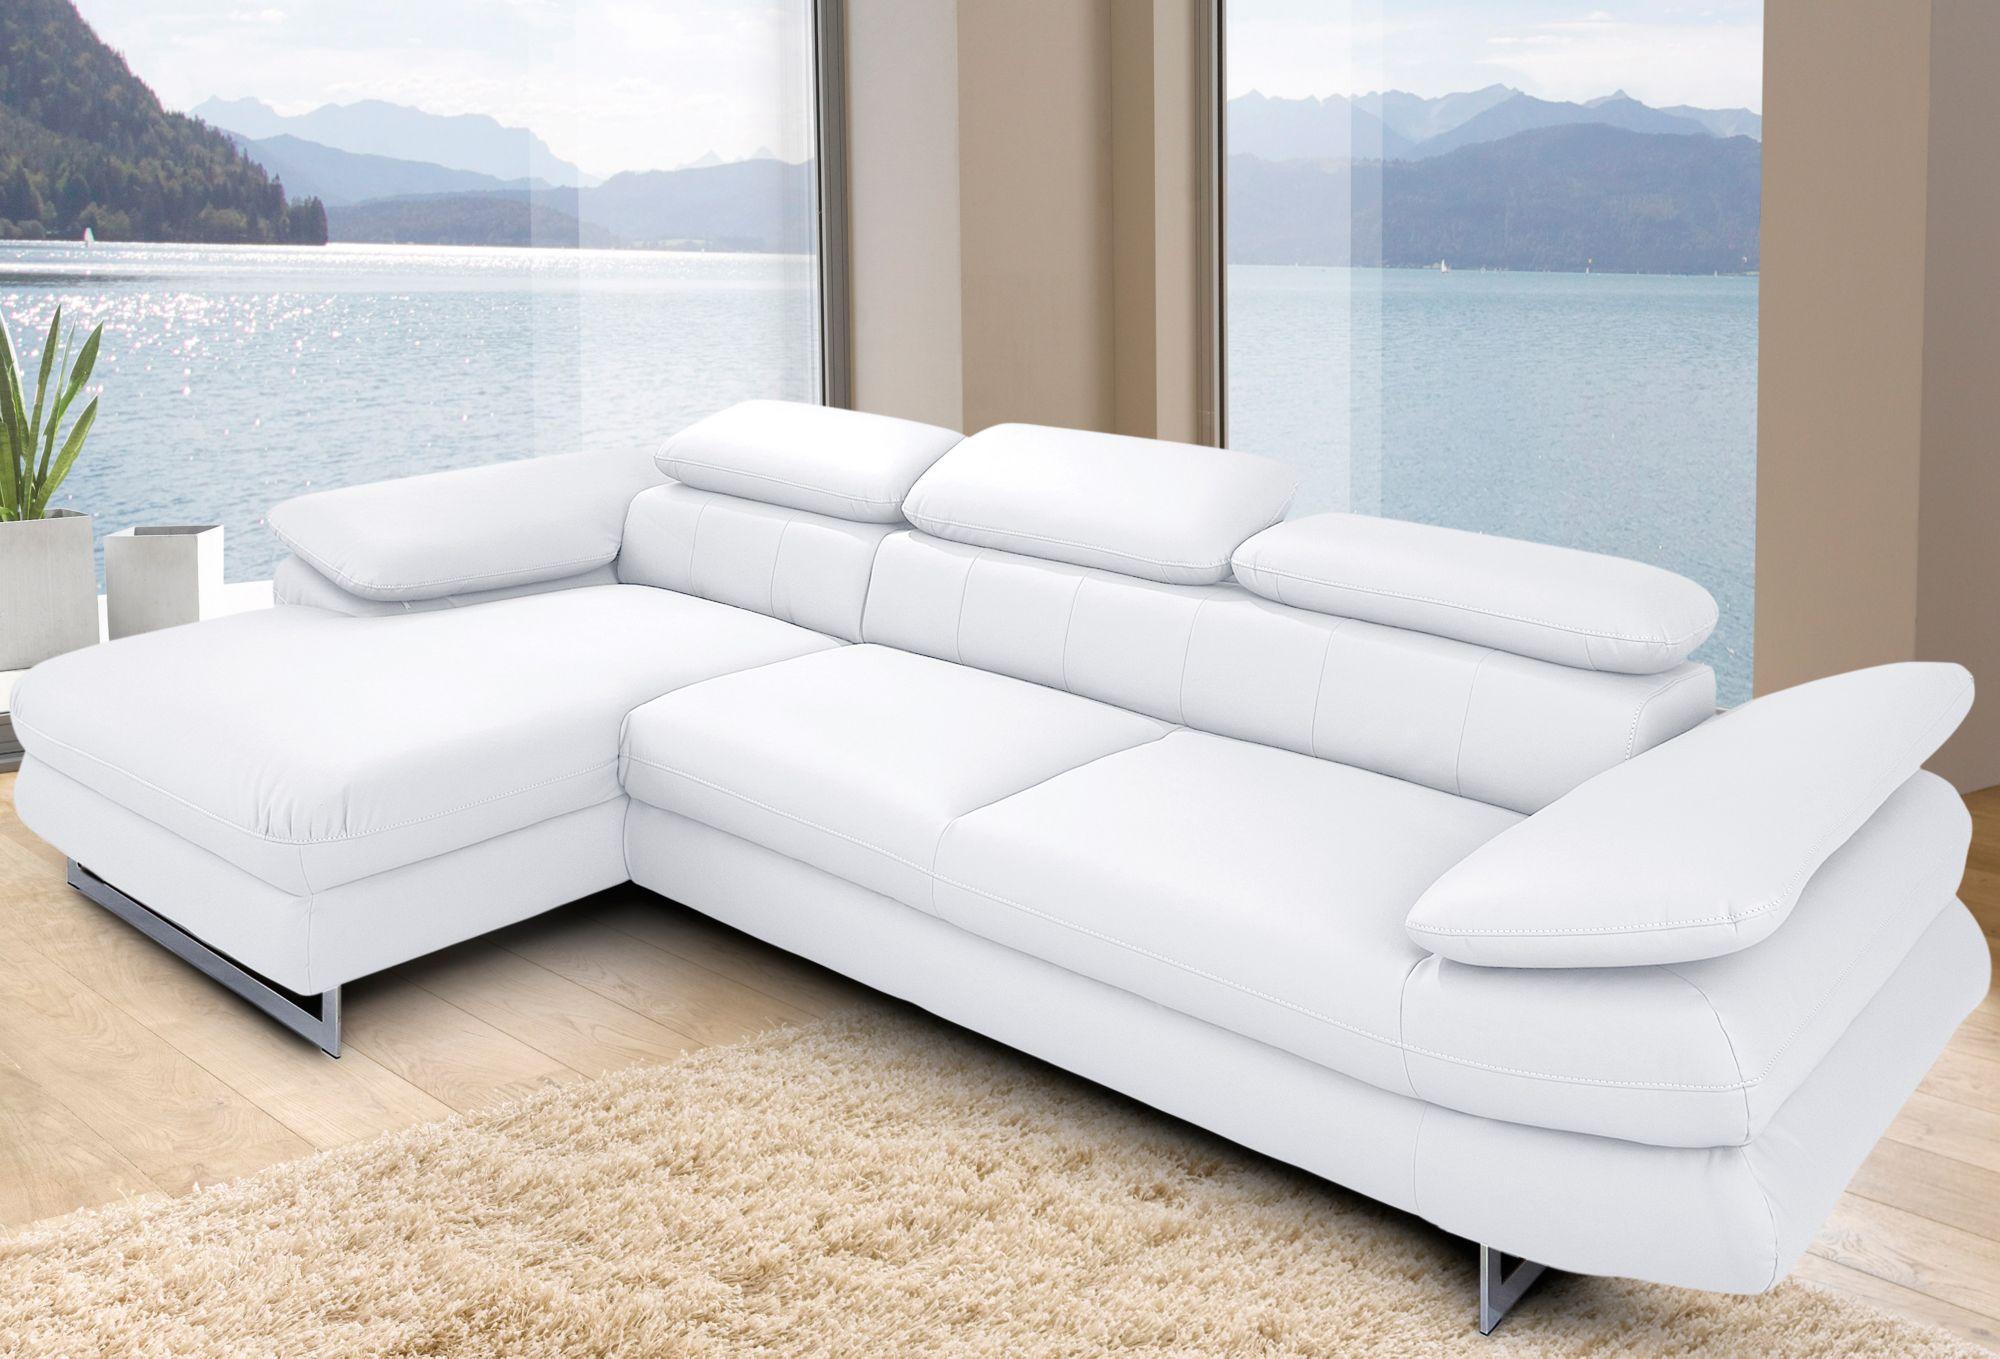 inosign polsterecke wahlweise mit bettfunktion schwab versand ecksofas. Black Bedroom Furniture Sets. Home Design Ideas